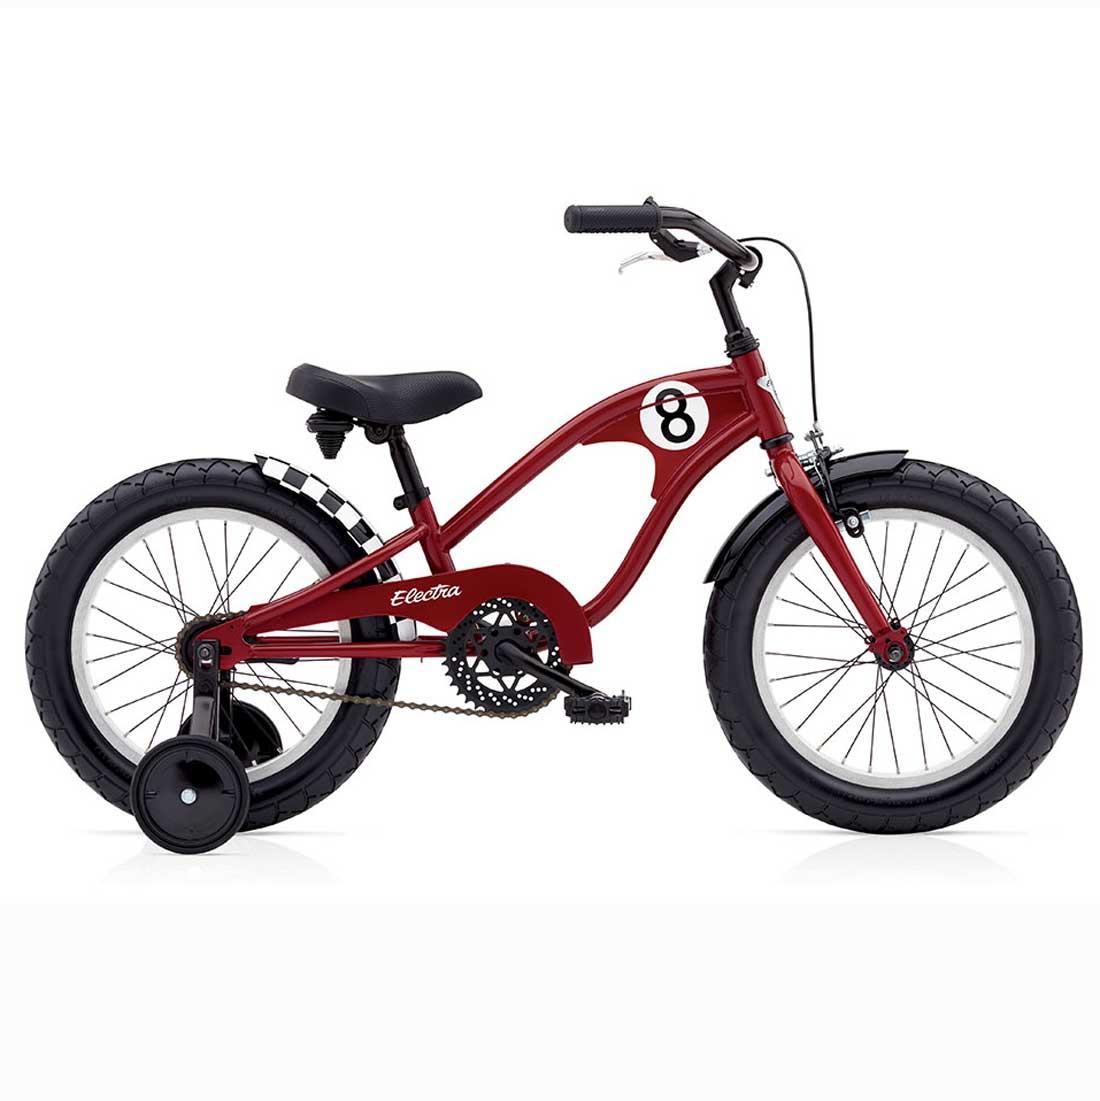 子供用自転車 16インチ ビーチクルーザー おしゃれ 自転車 ジュニア 幼稚園児 未就学児 エレクトラ KIDS-CRUISER